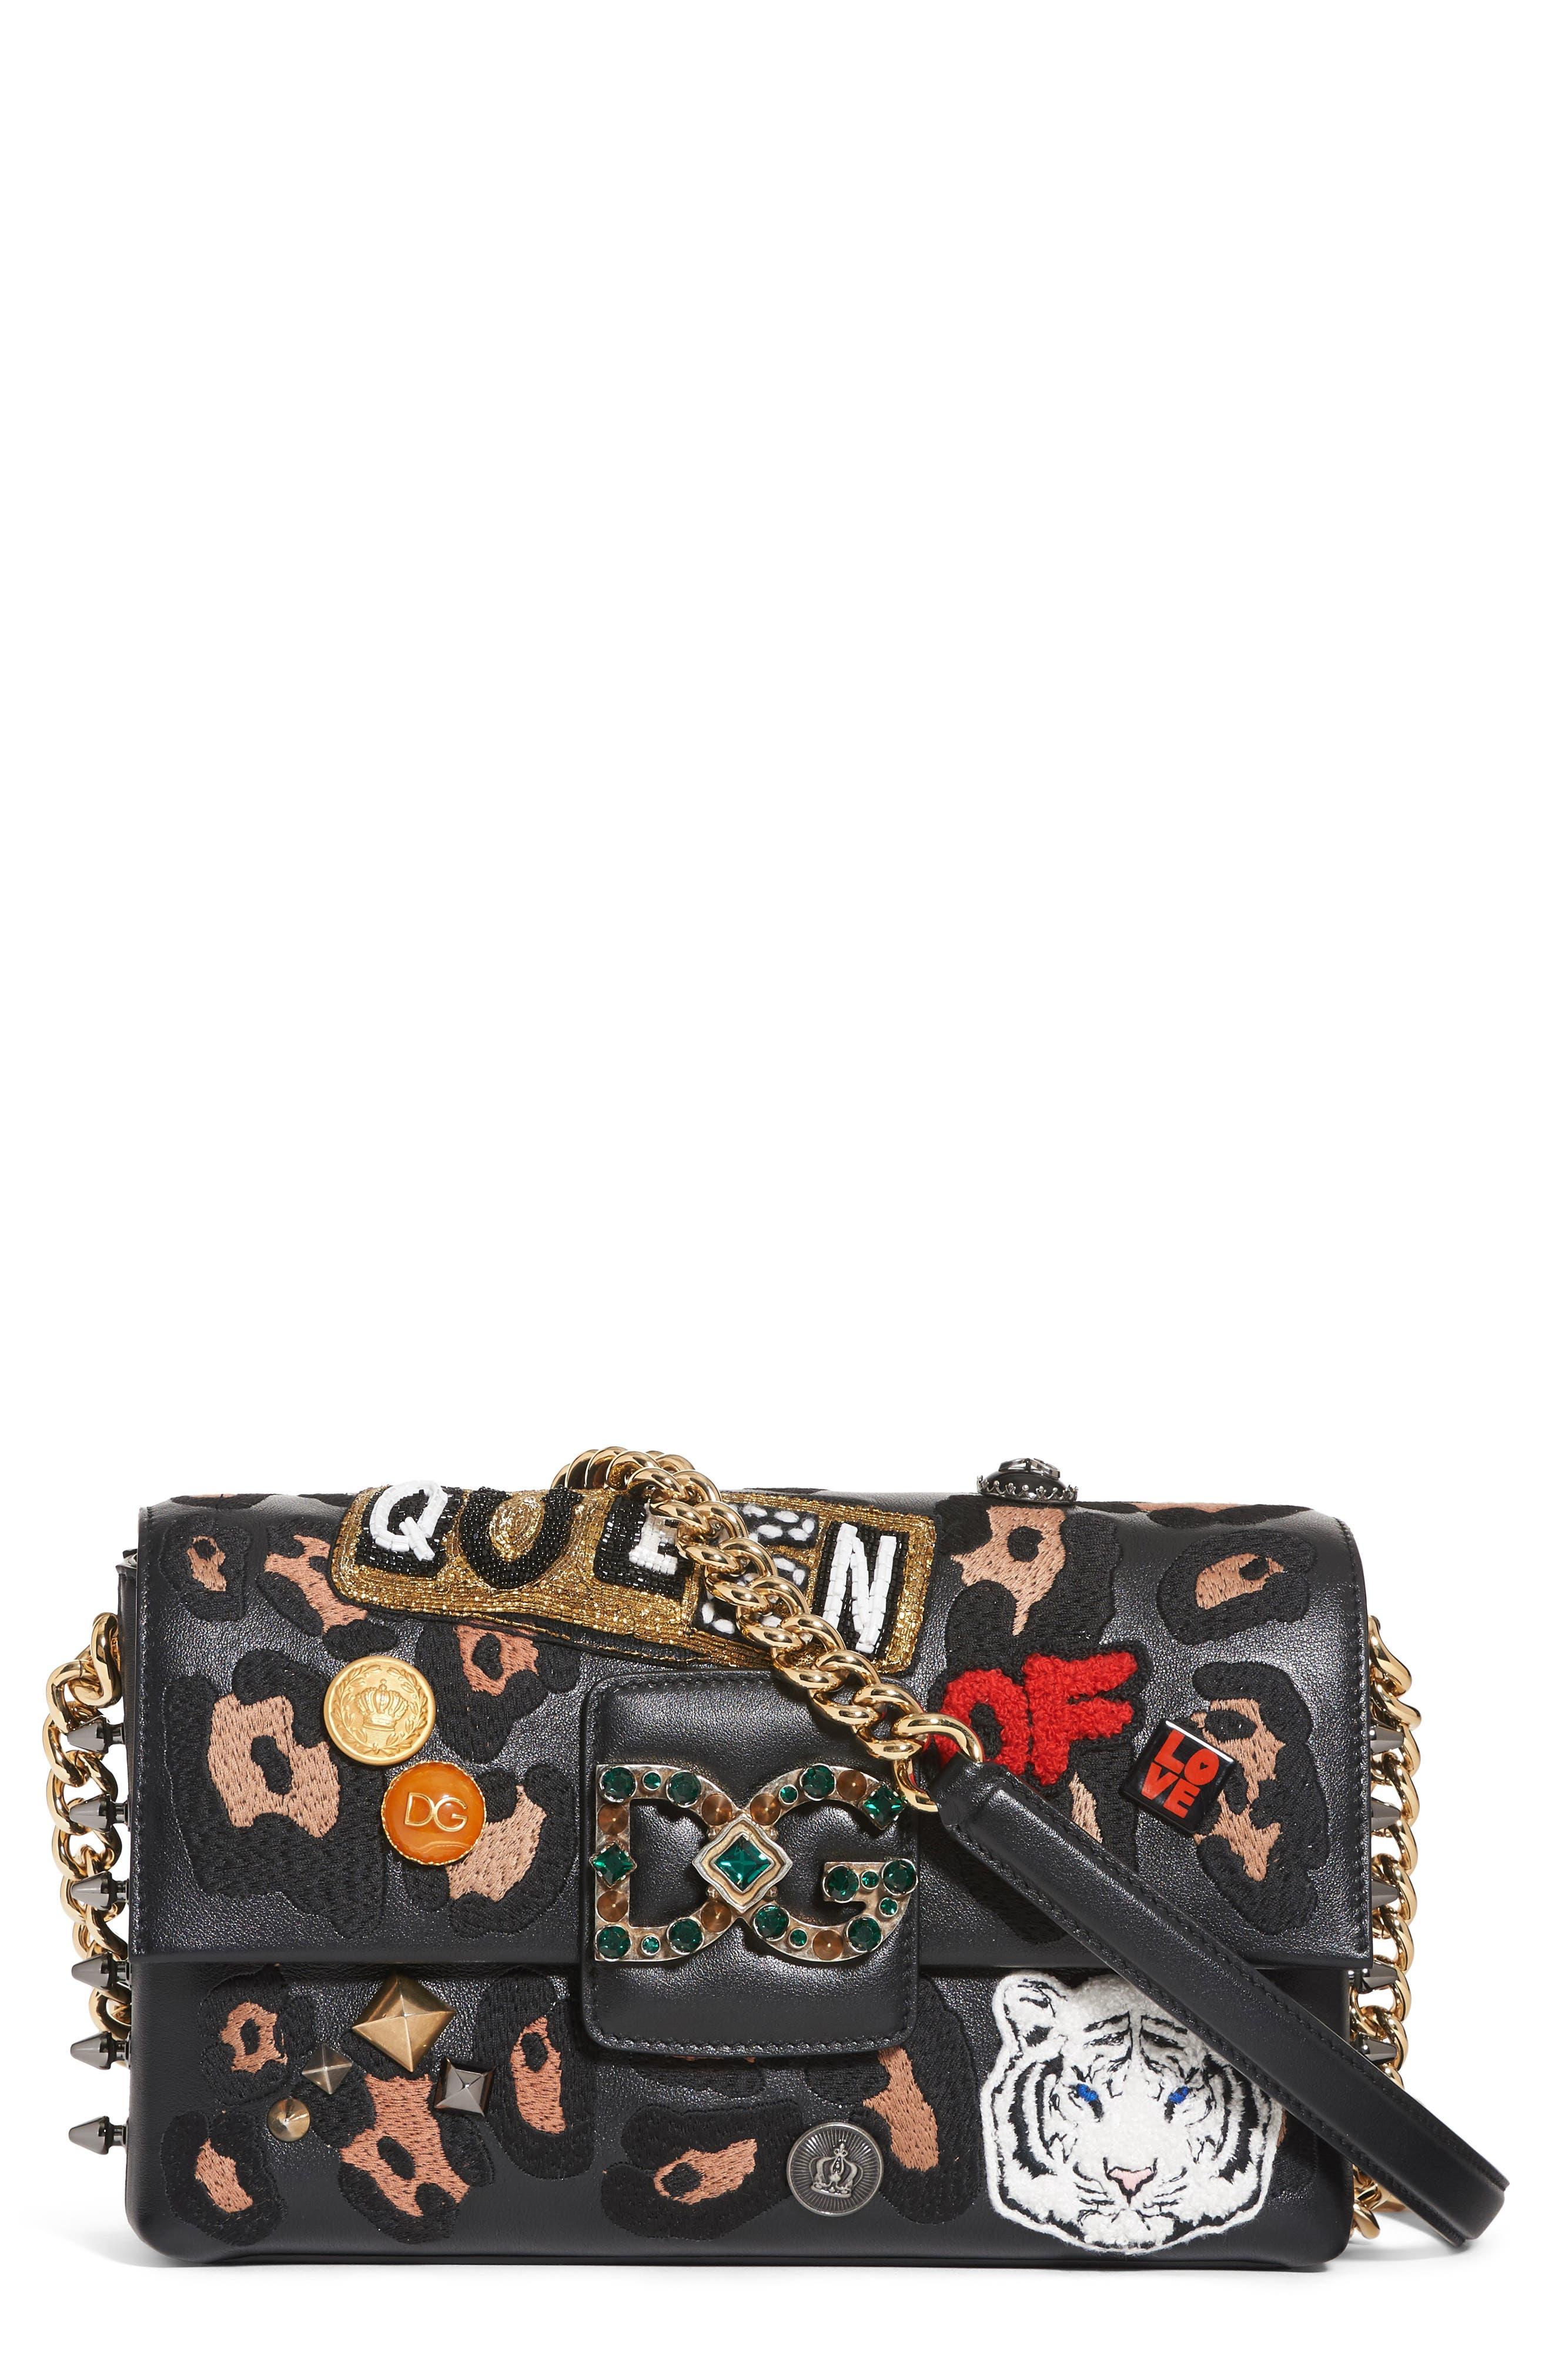 Main Image - Dolce&Gabbana Millennials Embellished Leather Shoulder Bag